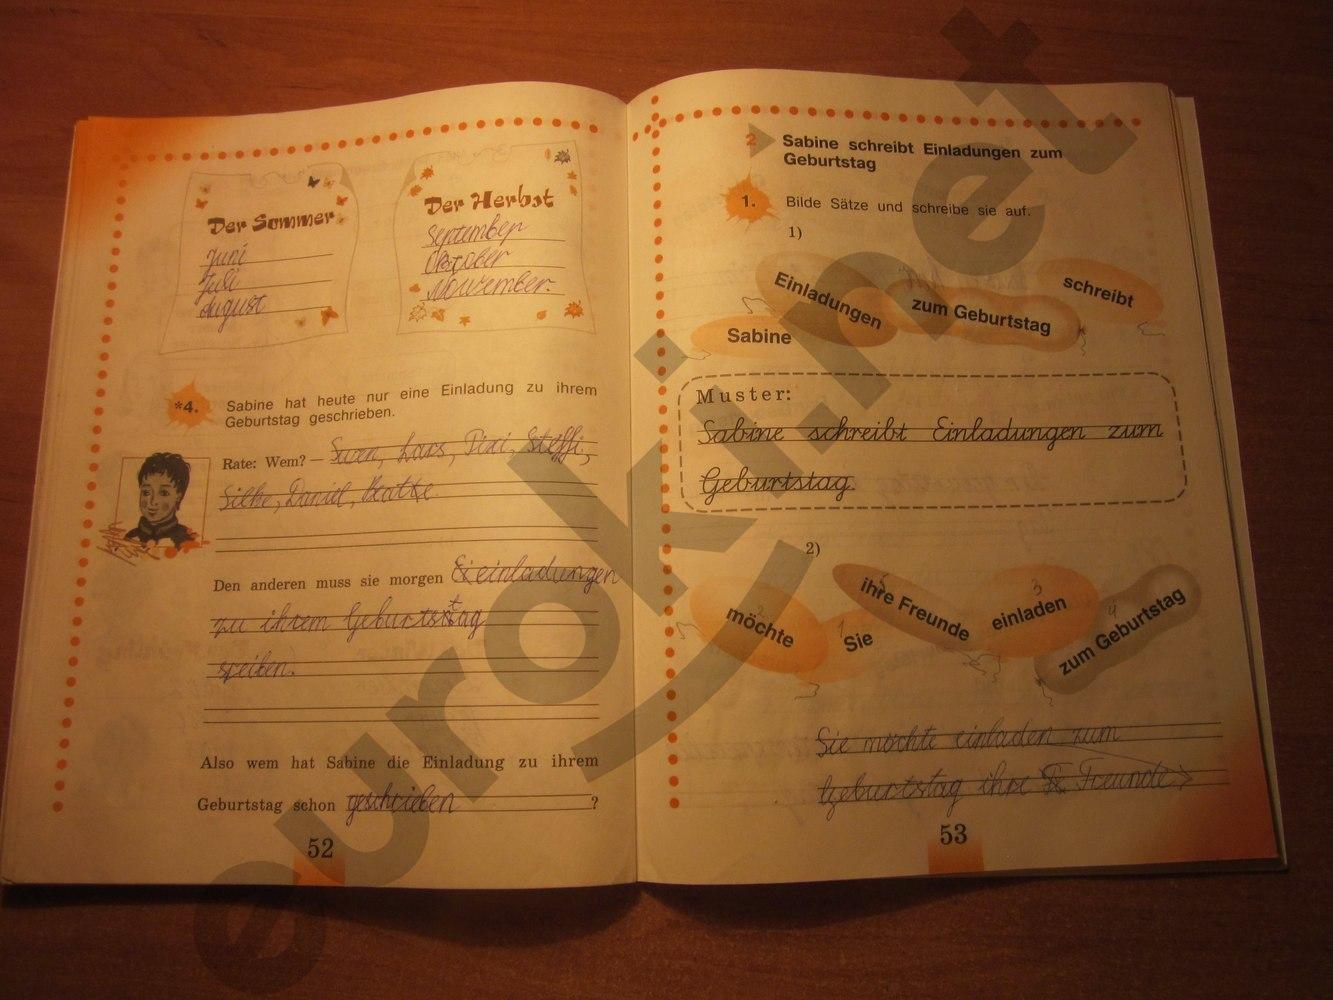 ГДЗ по немецкому языку 3 класс рабочая тетрадь Бим И.Л. Рыжова Л.И. Часть 2. Задание: стр. 52-53